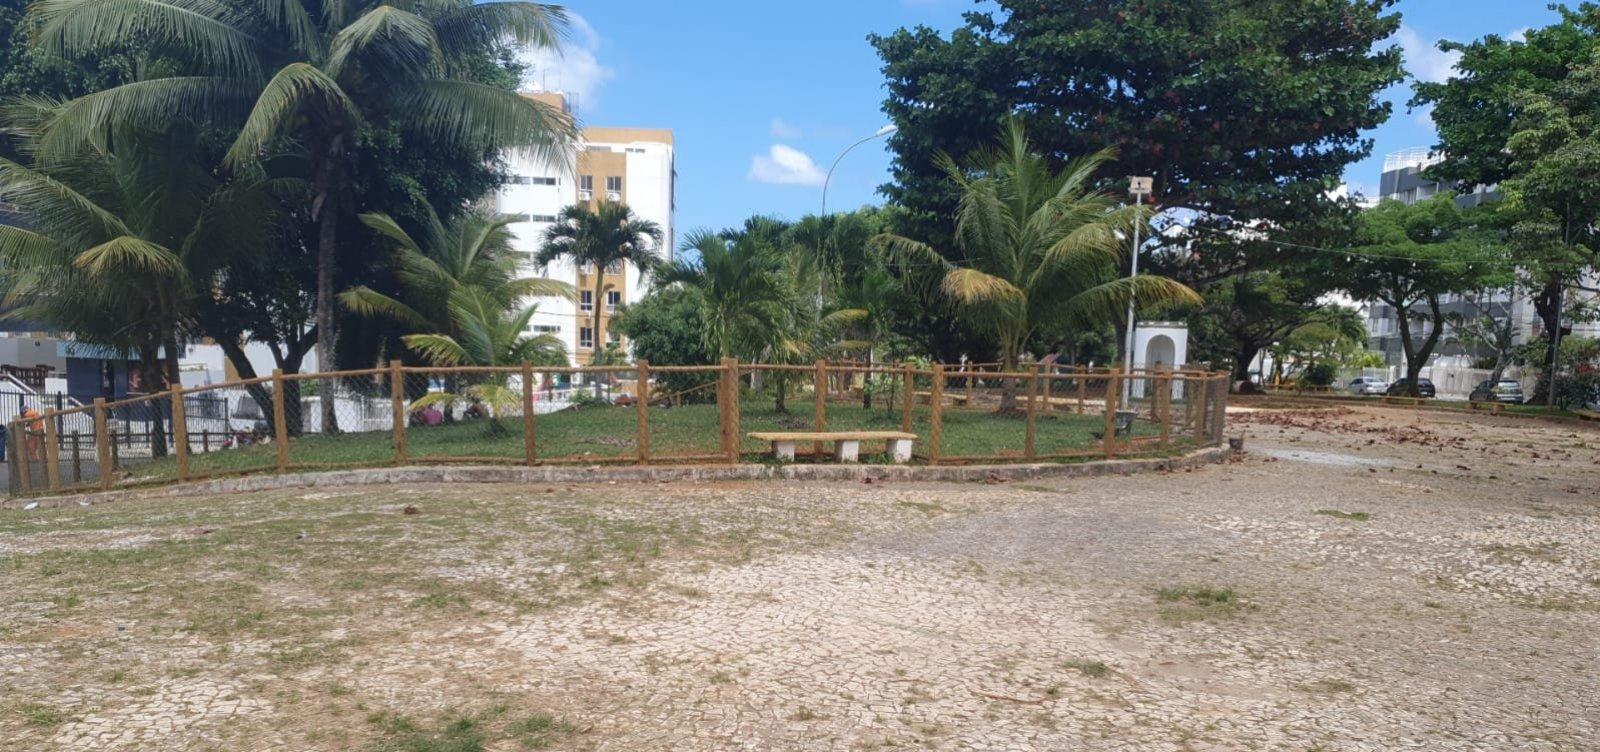 'Cachorródromo' em praça vira ponto de polêmica entre moradores do Rio Vermelho